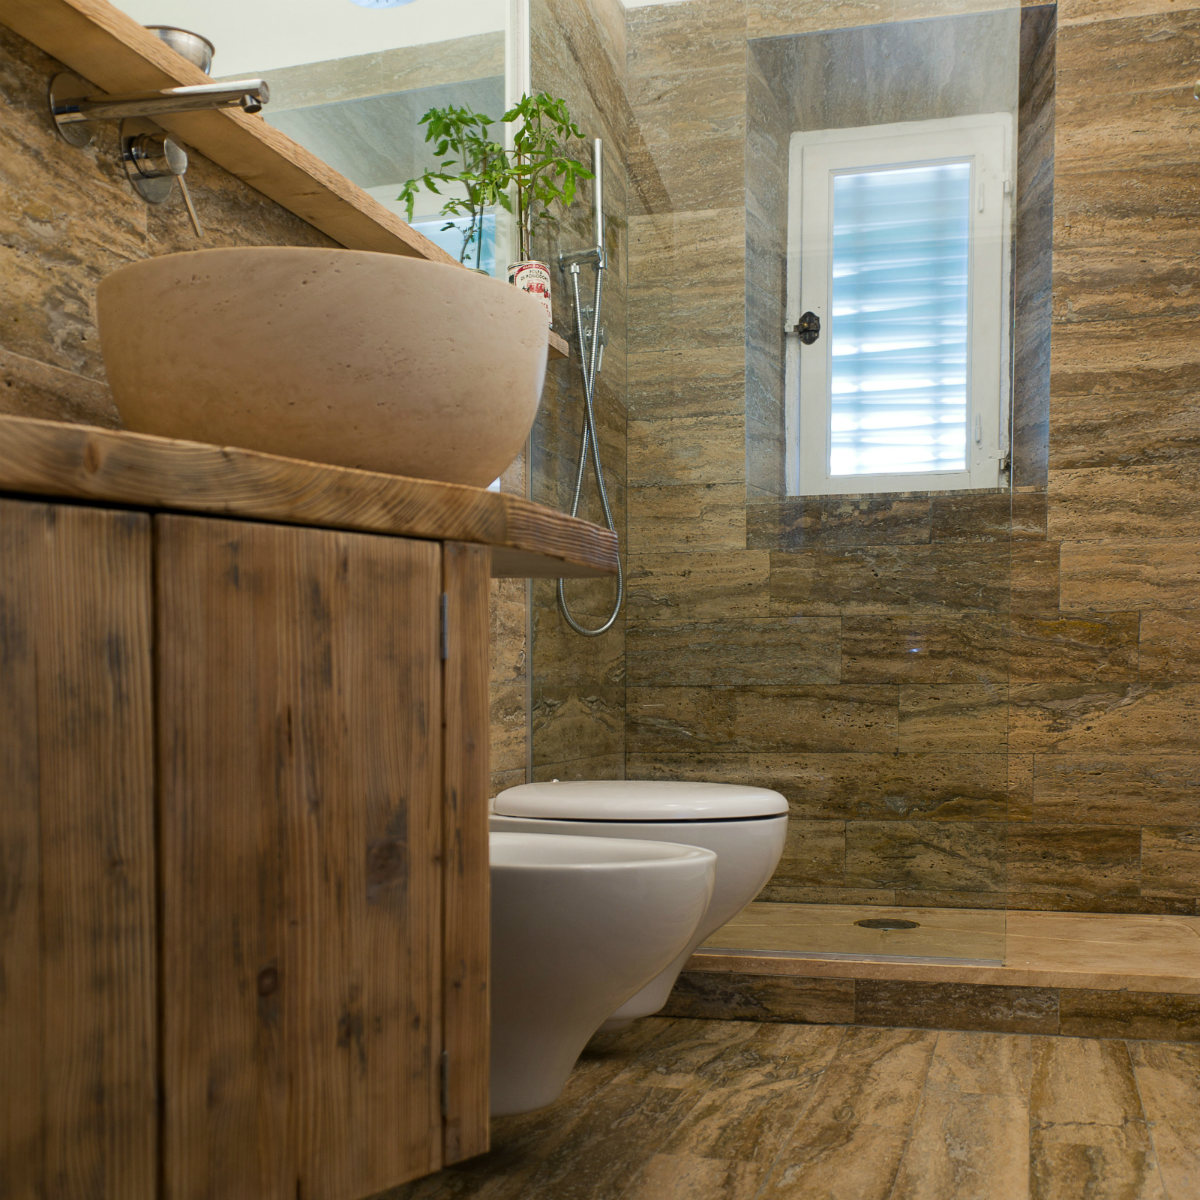 Bagno in travertino simil legno pietre di rapolano - Bagno con sale grosso ...